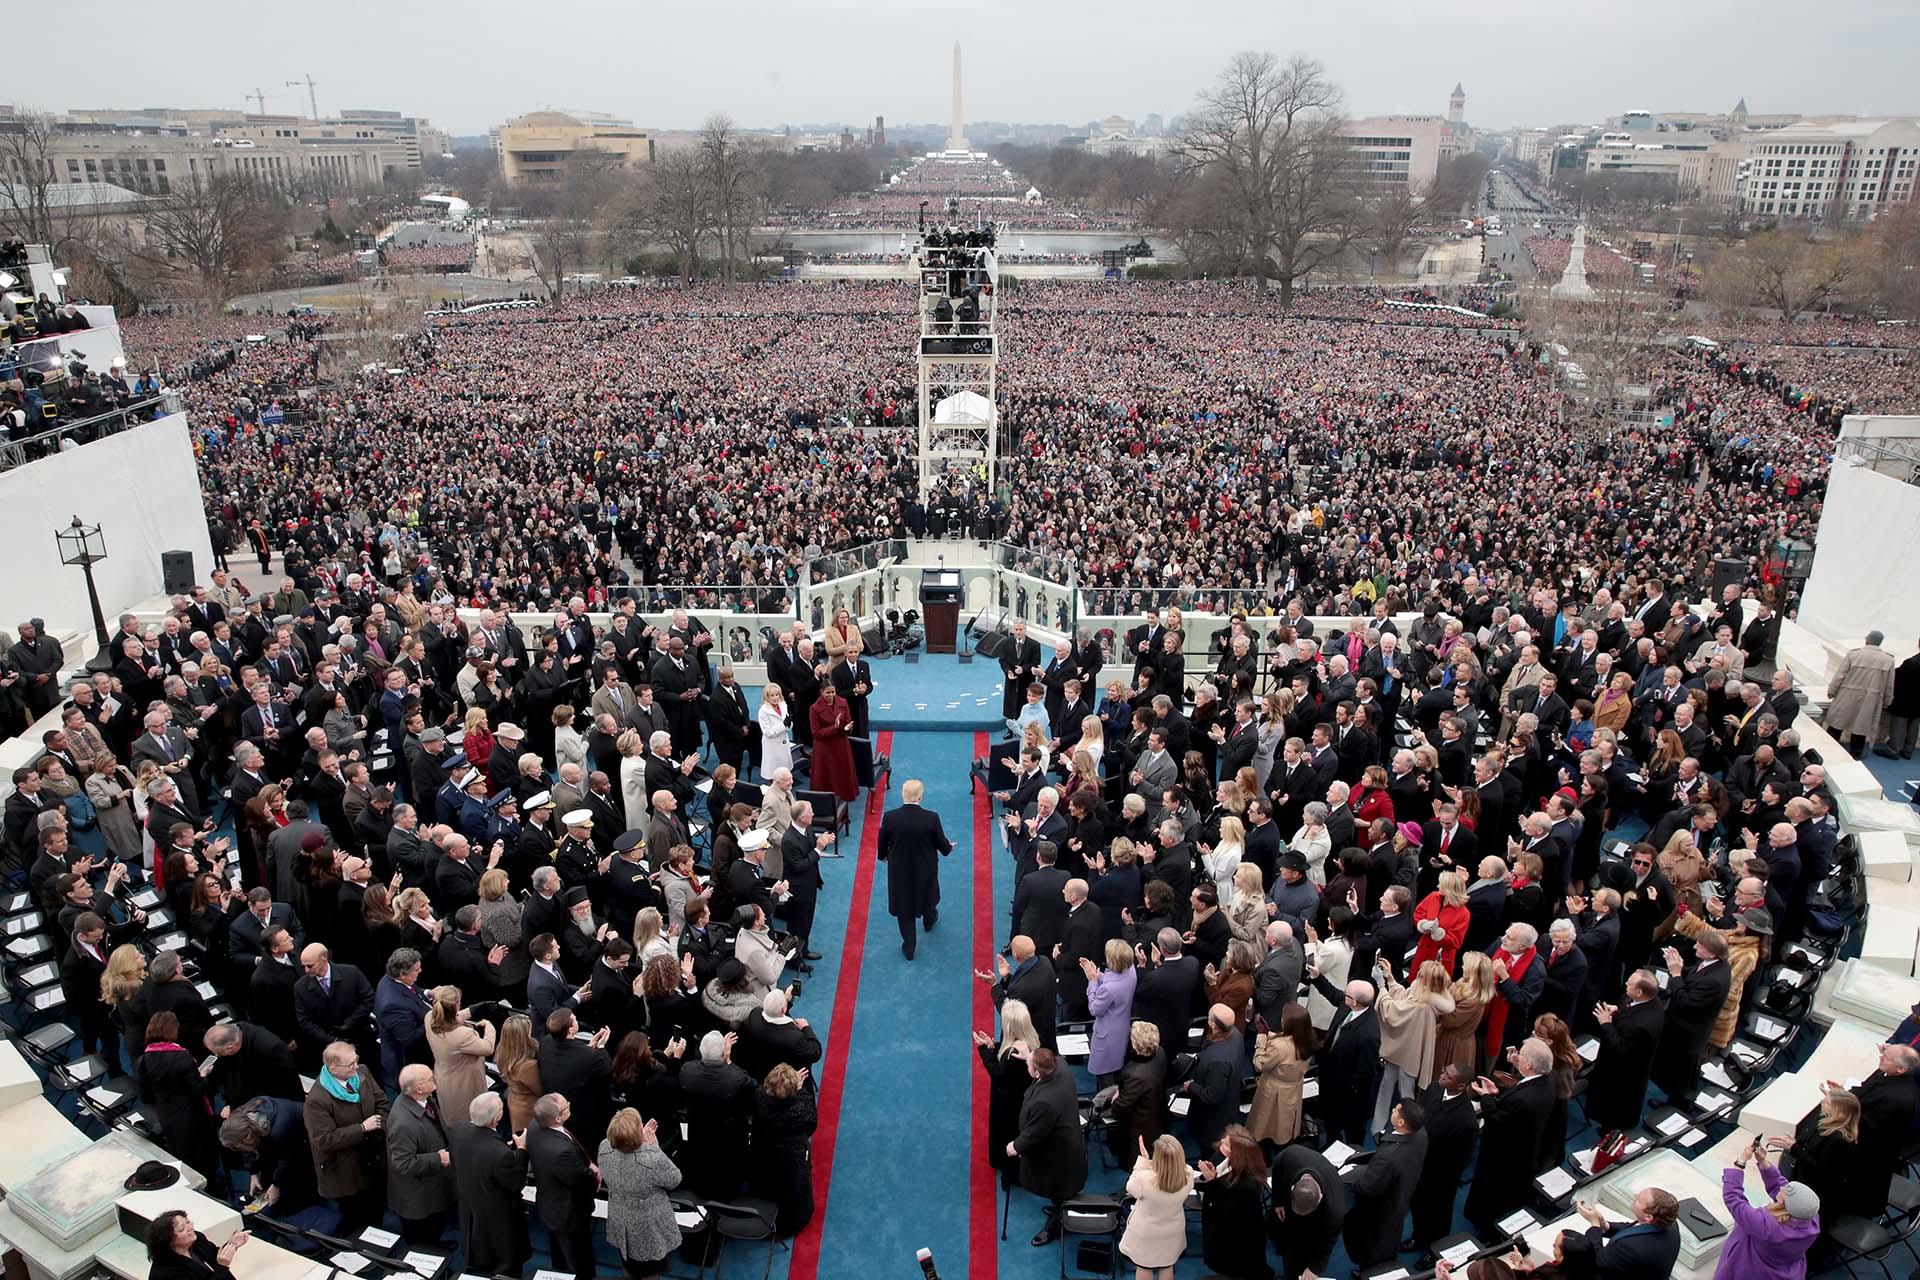 20/1/2017 Donald Trump camino a jurar como presidentes en las escalinatas del Capitolio en Washington DC